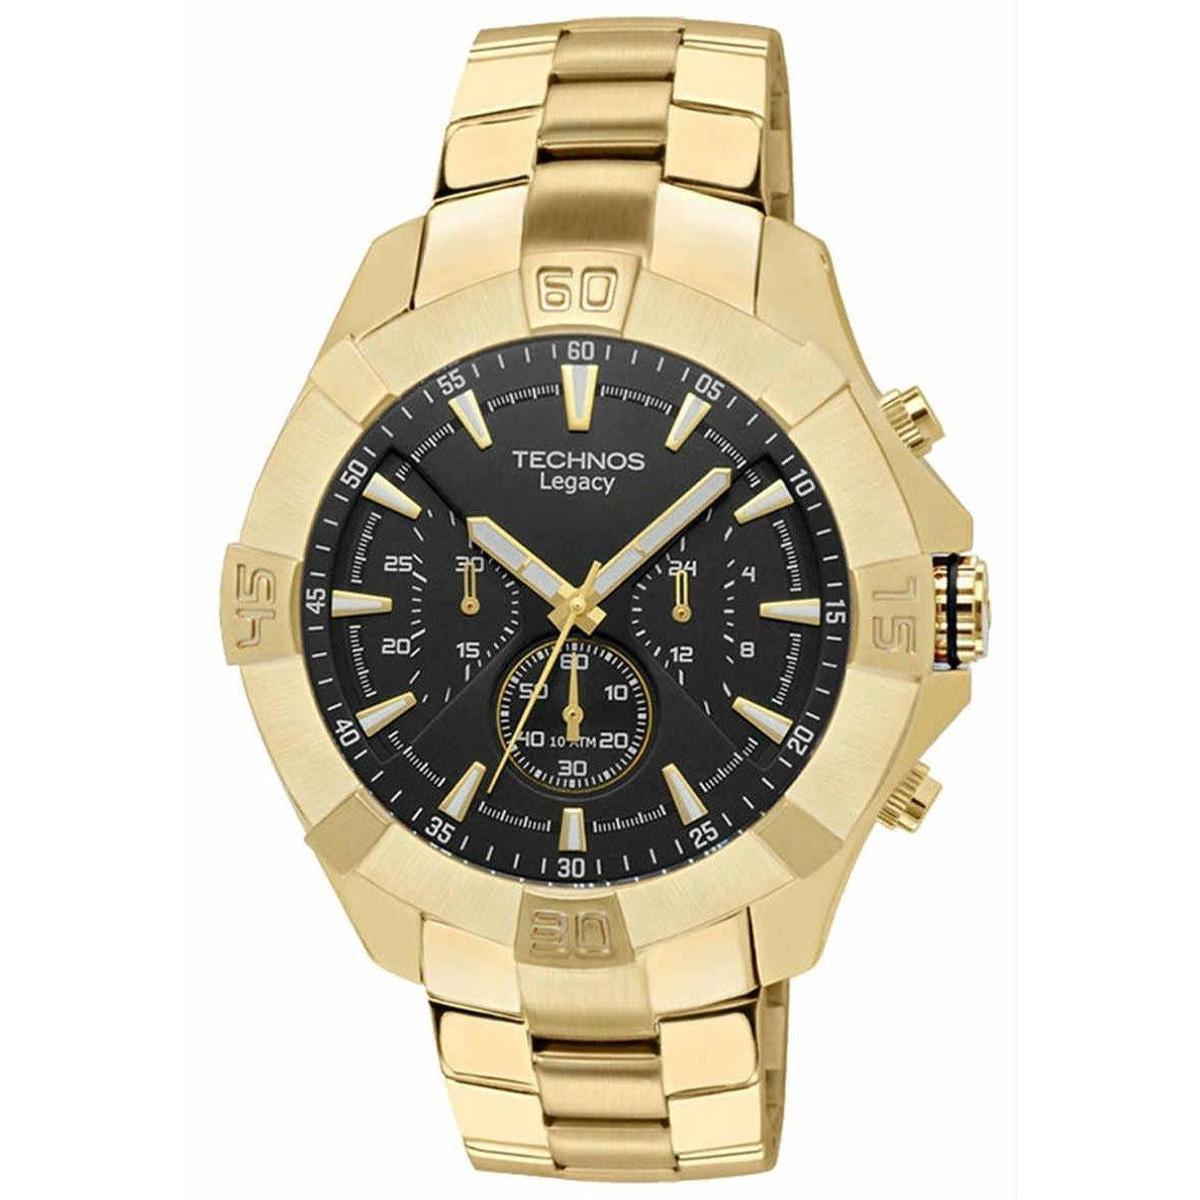 5acbfb0aaf2 Relógio Technos Classic Legacy Js20Ae 4P - Dourado - Compre Agora ...